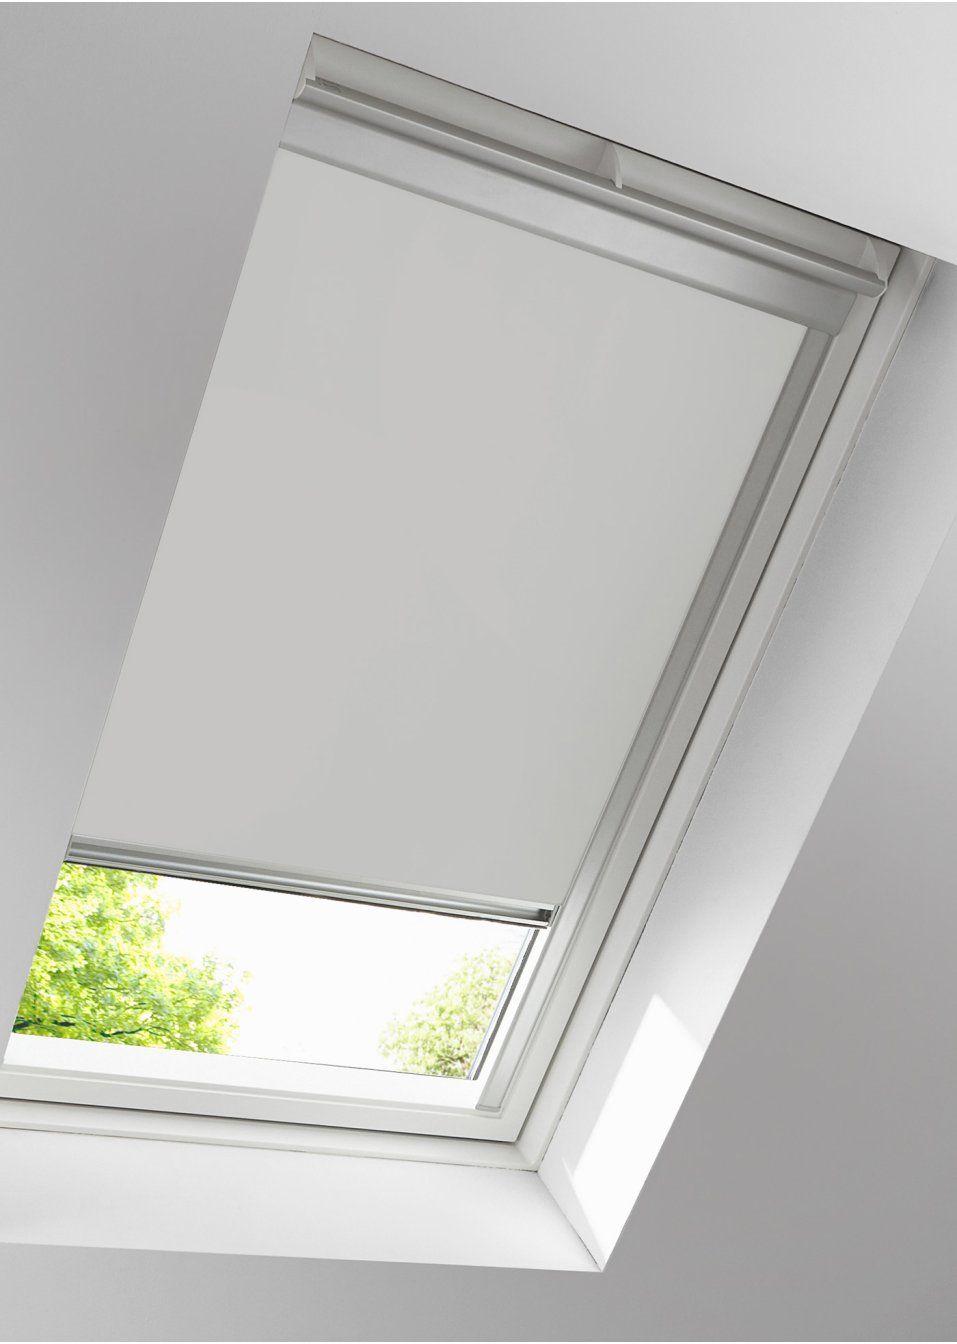 Giebelfenster Rollo dachfenster rollo verdunkelung window